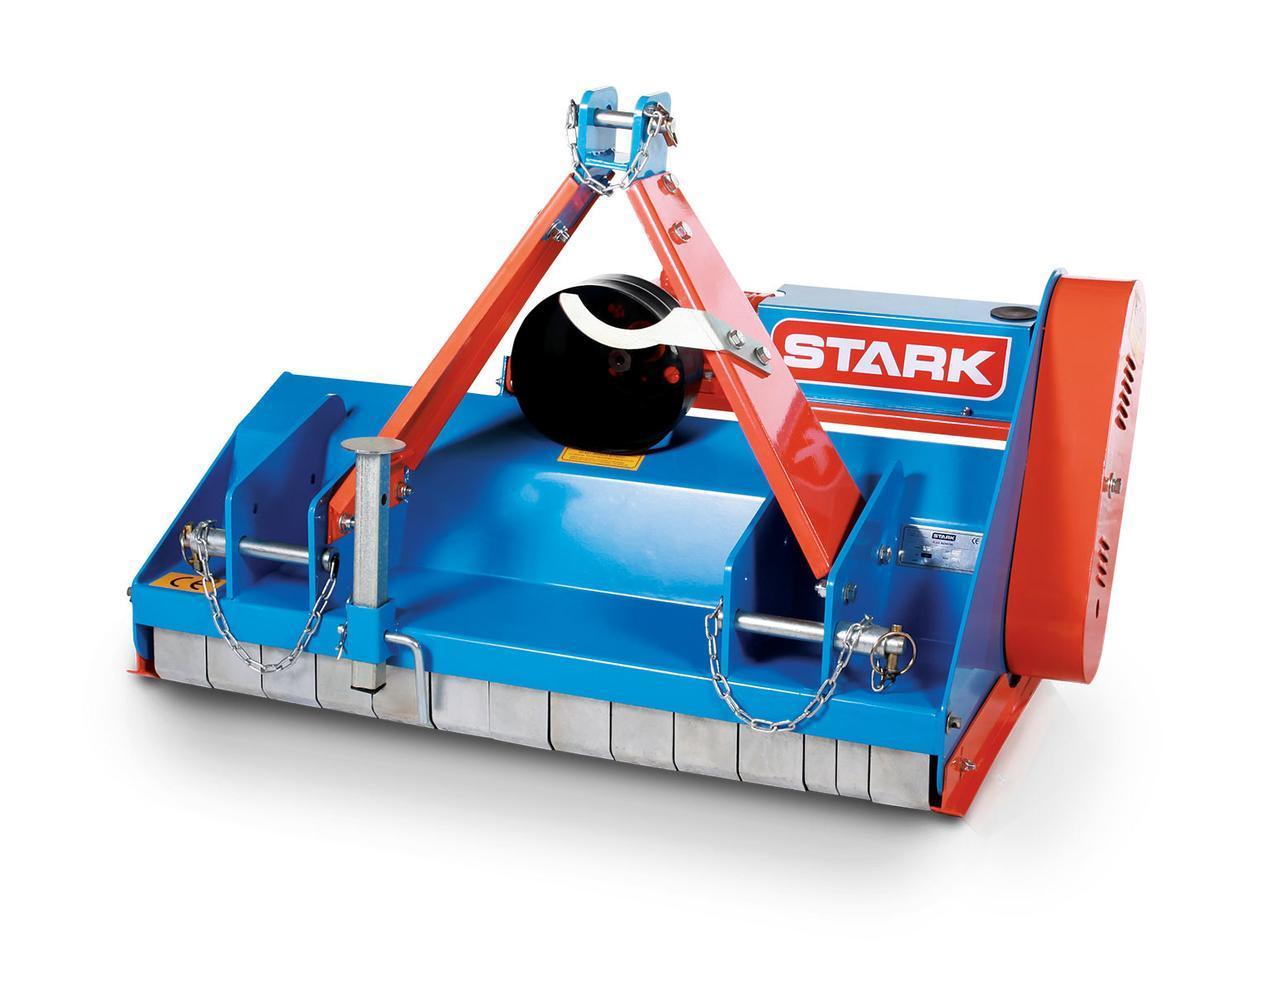 Мульчирователь KS 95 STARK с карданом (0,95 м, ножи) (Литва), фото 1